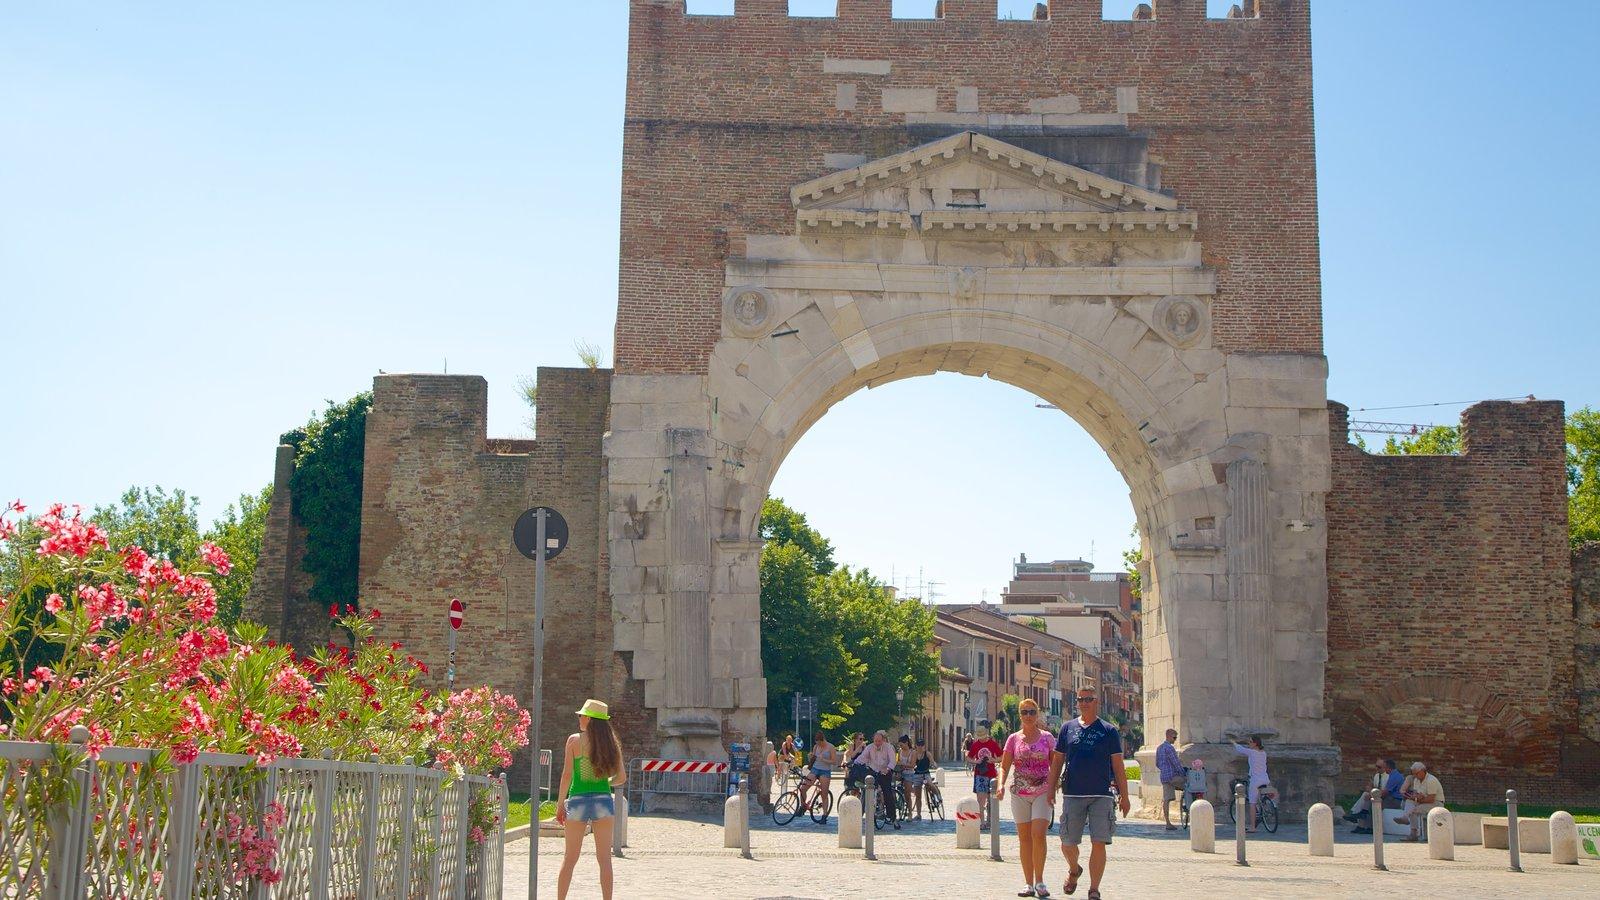 Arco de Augusto caracterizando elementos de patrimônio, cenas de rua e um monumento